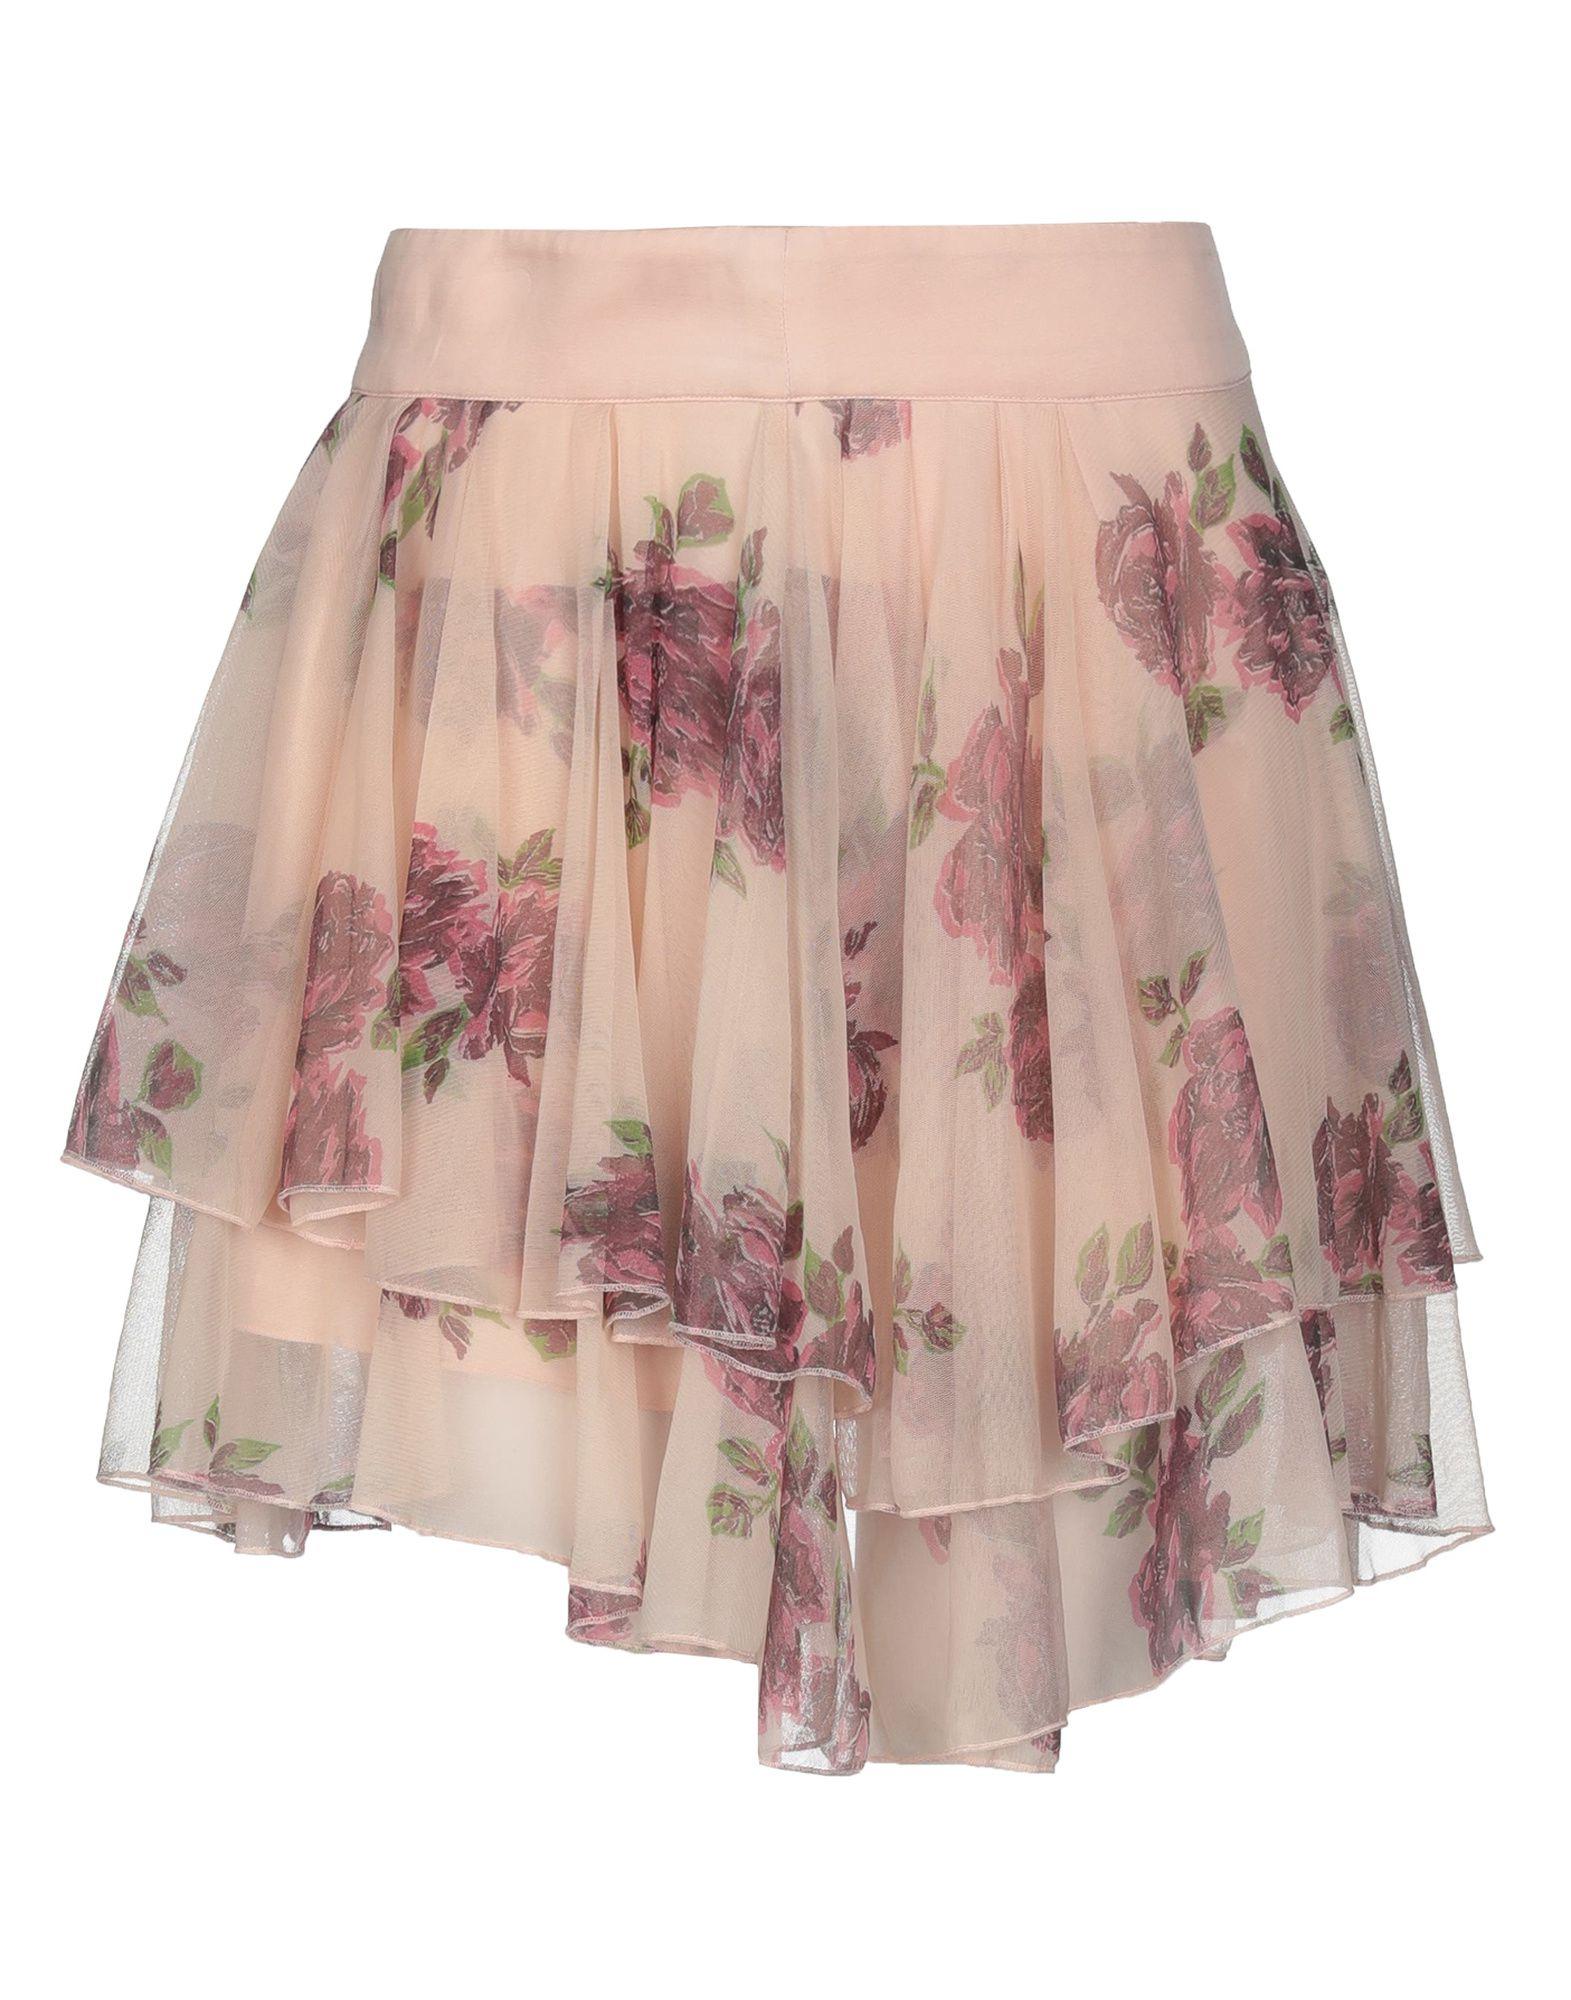 Diesel Skirts MINI SKIRTS